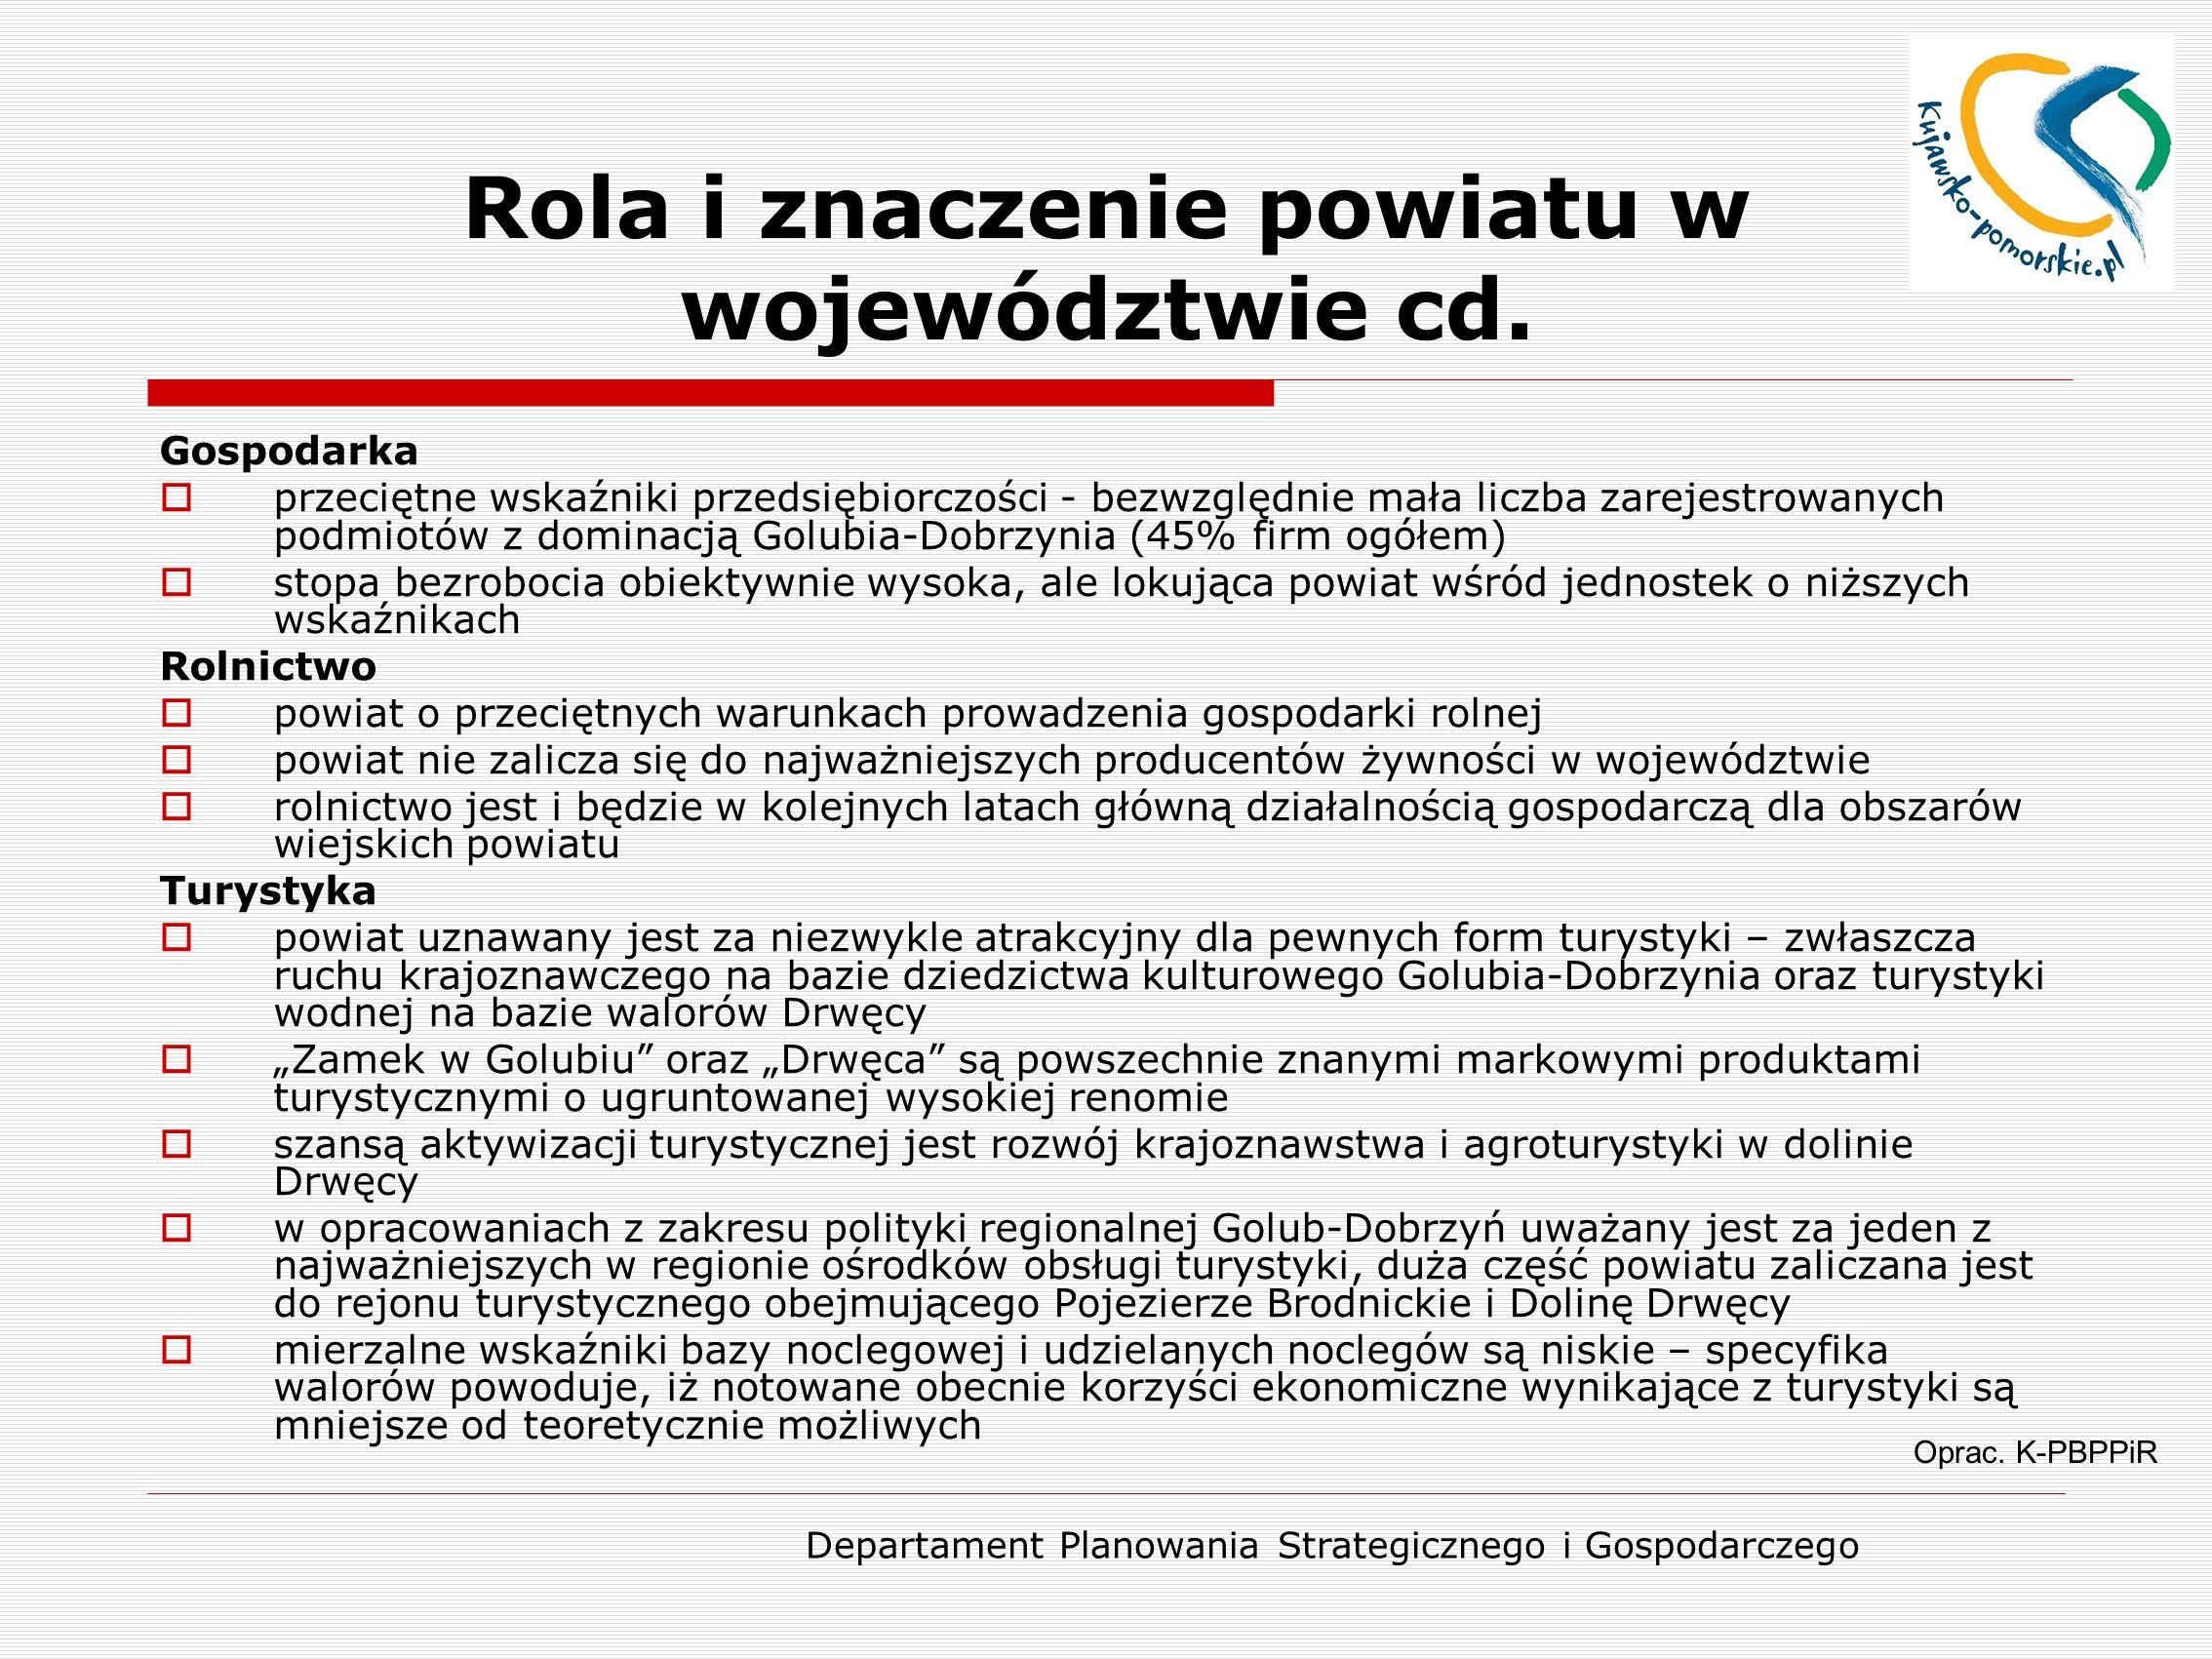 Departament Planowania Strategicznego i Gospodarczego Rola i znaczenie powiatu w województwie cd.